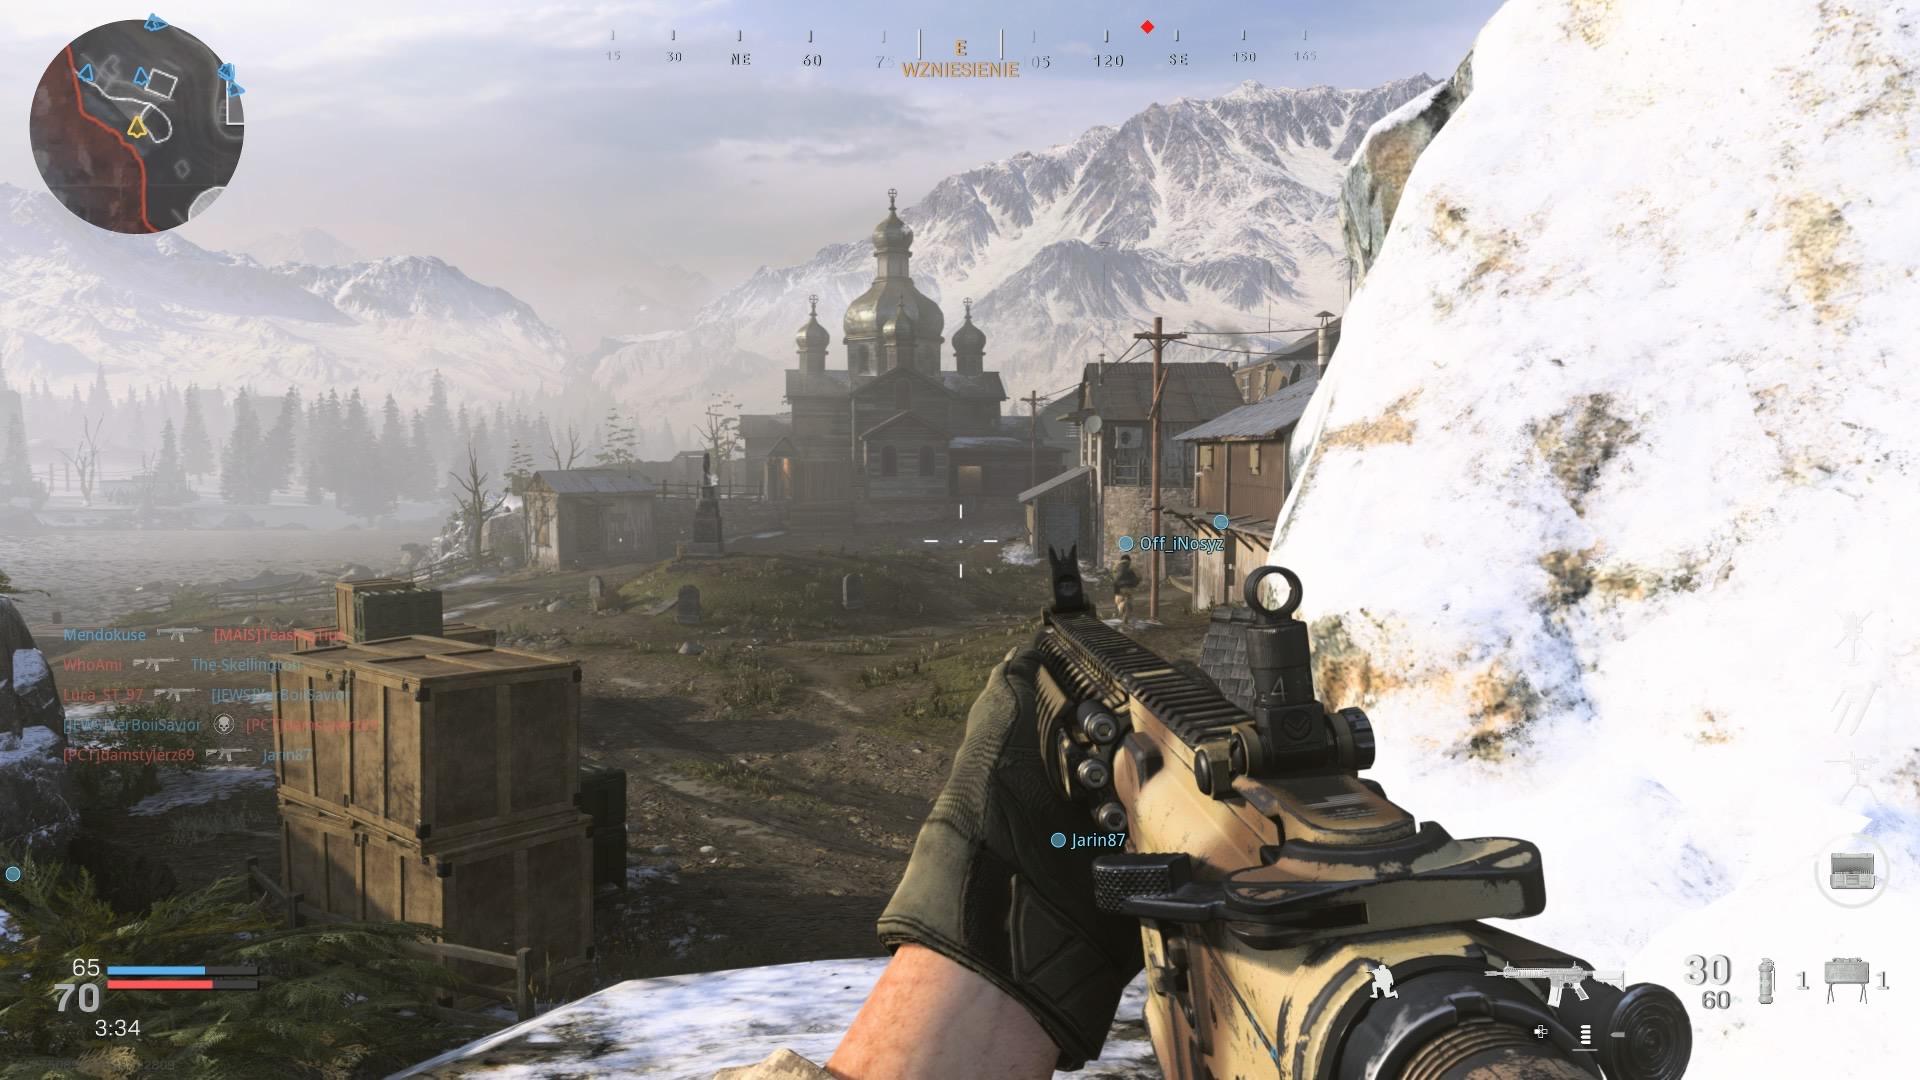 Edari bat hartzen dut eta Call of Duty Modern Warfare-k autokarabanak sustatzen dituen jokalarien lamentua lasaitzen dut.  Luma hauek musika dira 4